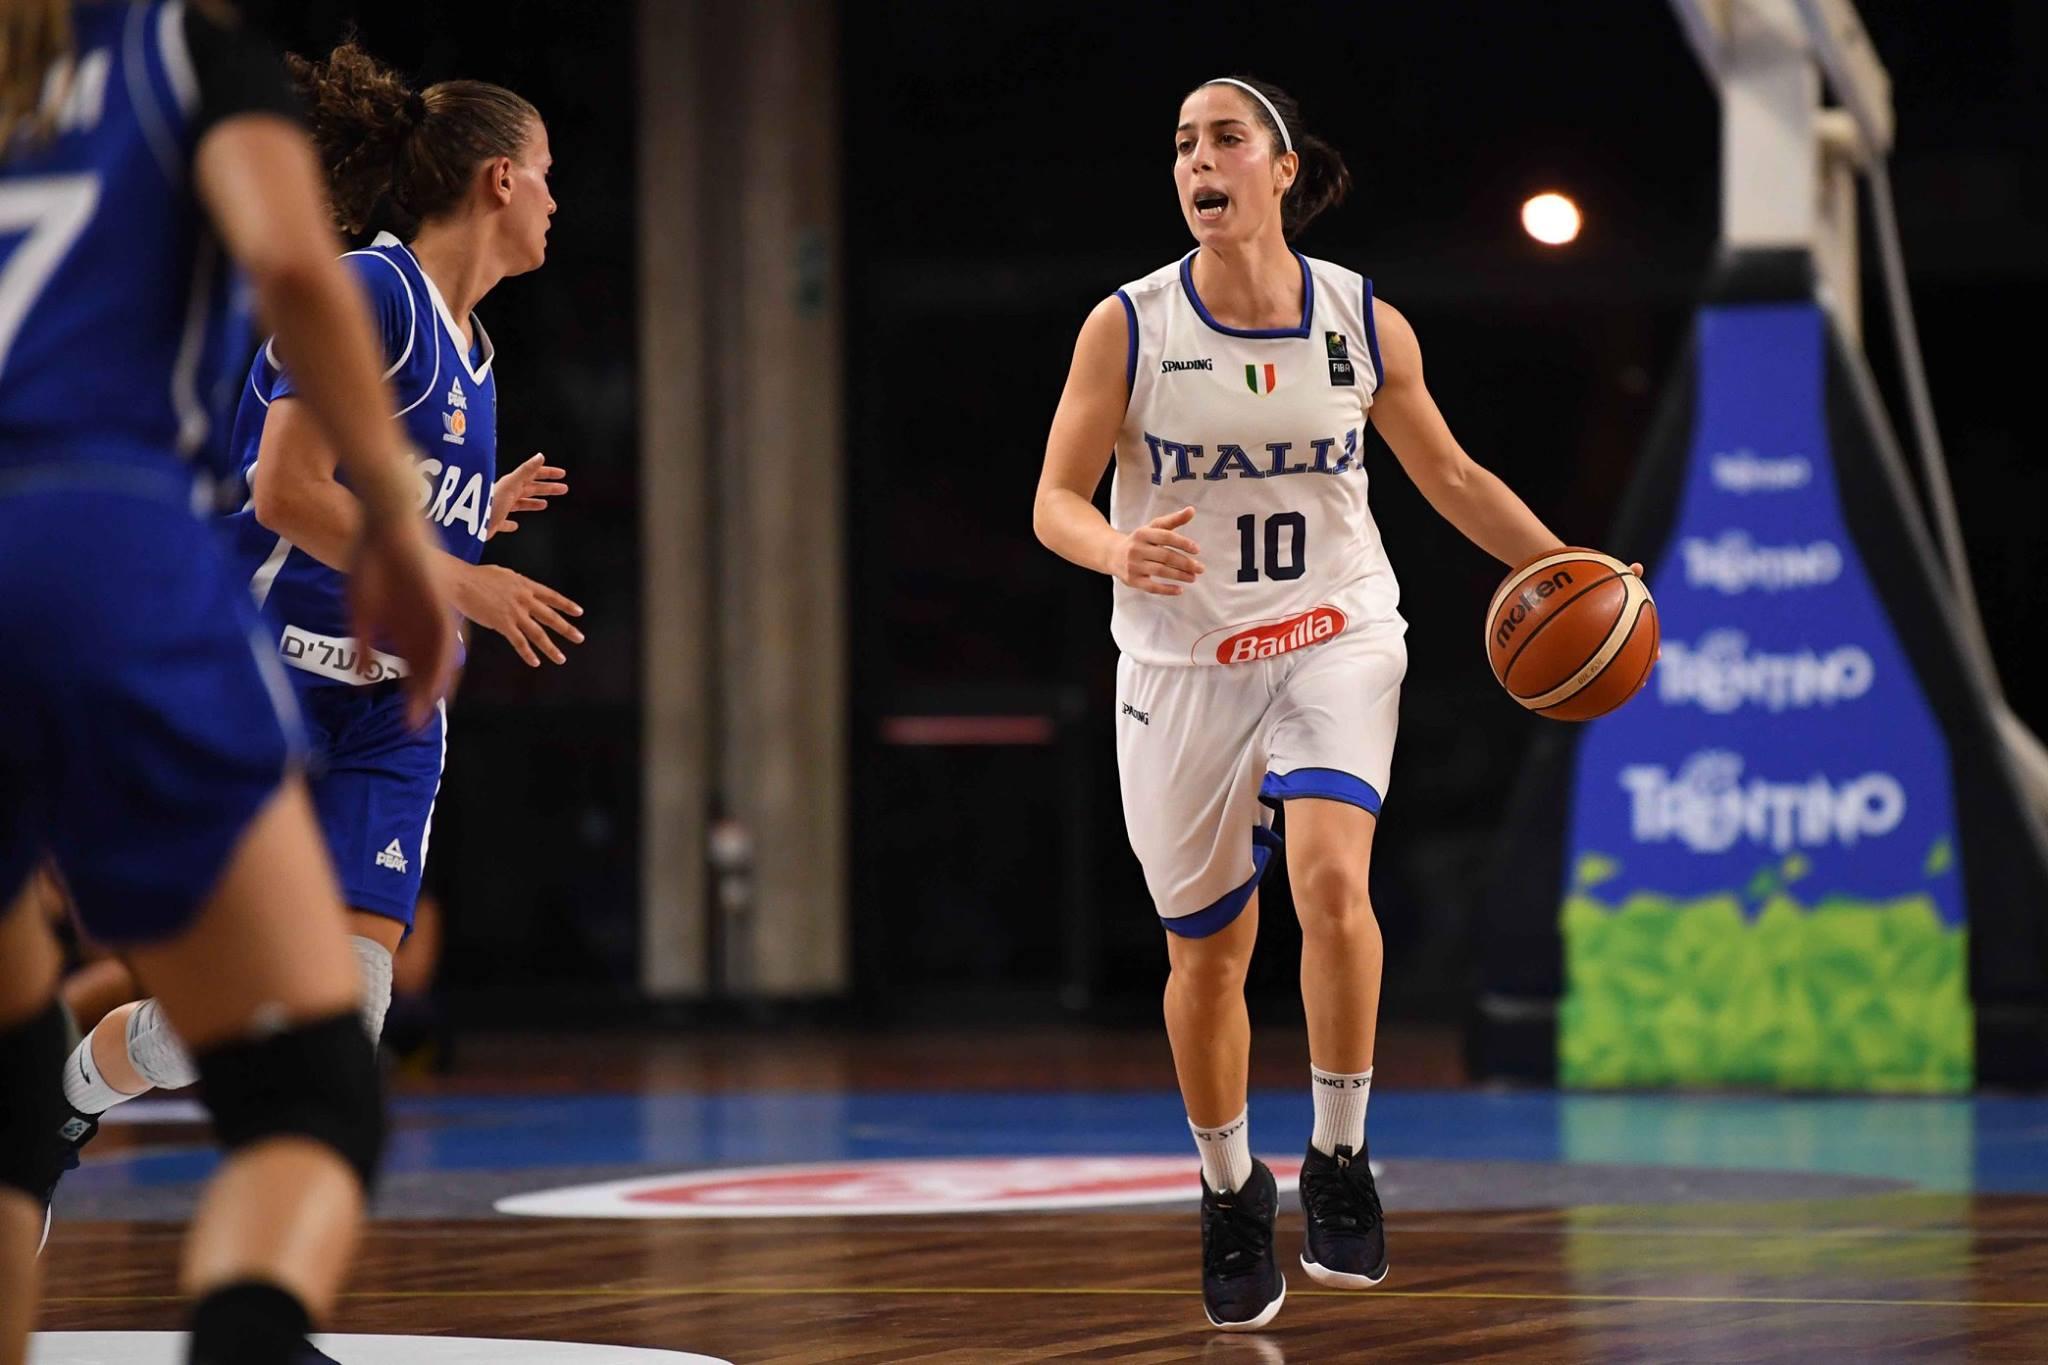 Nazionale Femminile 2018-19: buona la prima amichevole dell'Italbasket Rosa che batte Israele 53-43 domani si replica